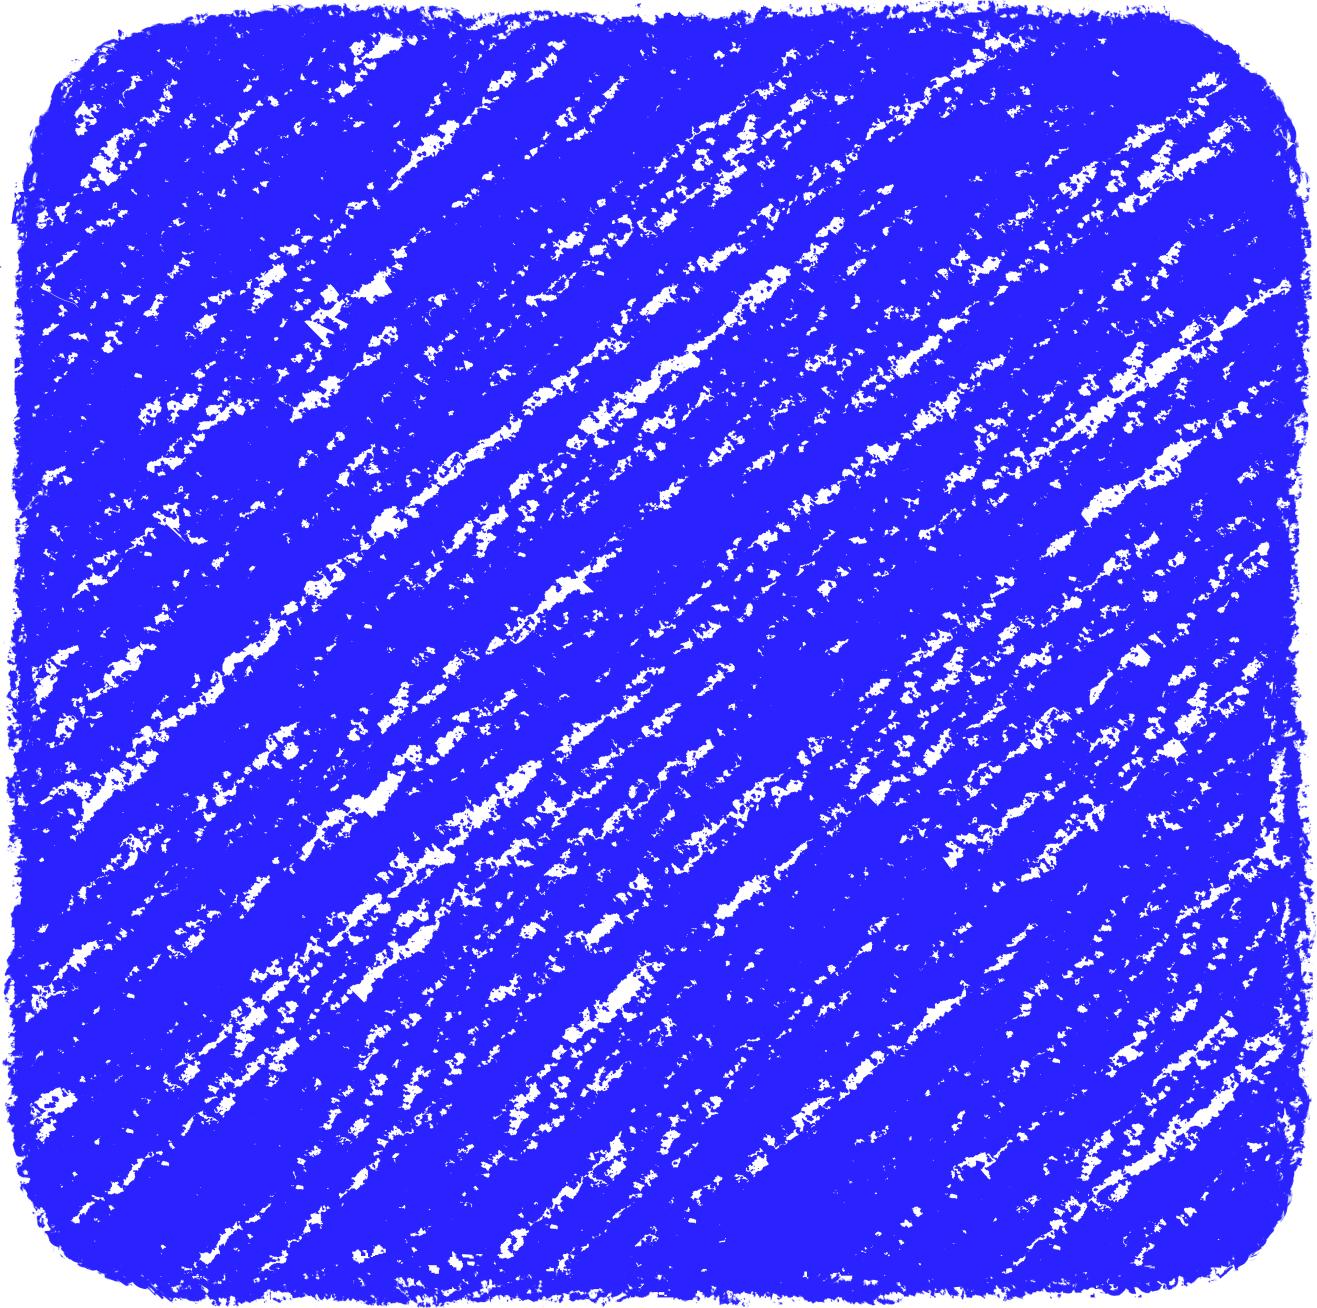 クレヨン塗り背景 紺色 新(ネイビー)四角のイラスト square_navy